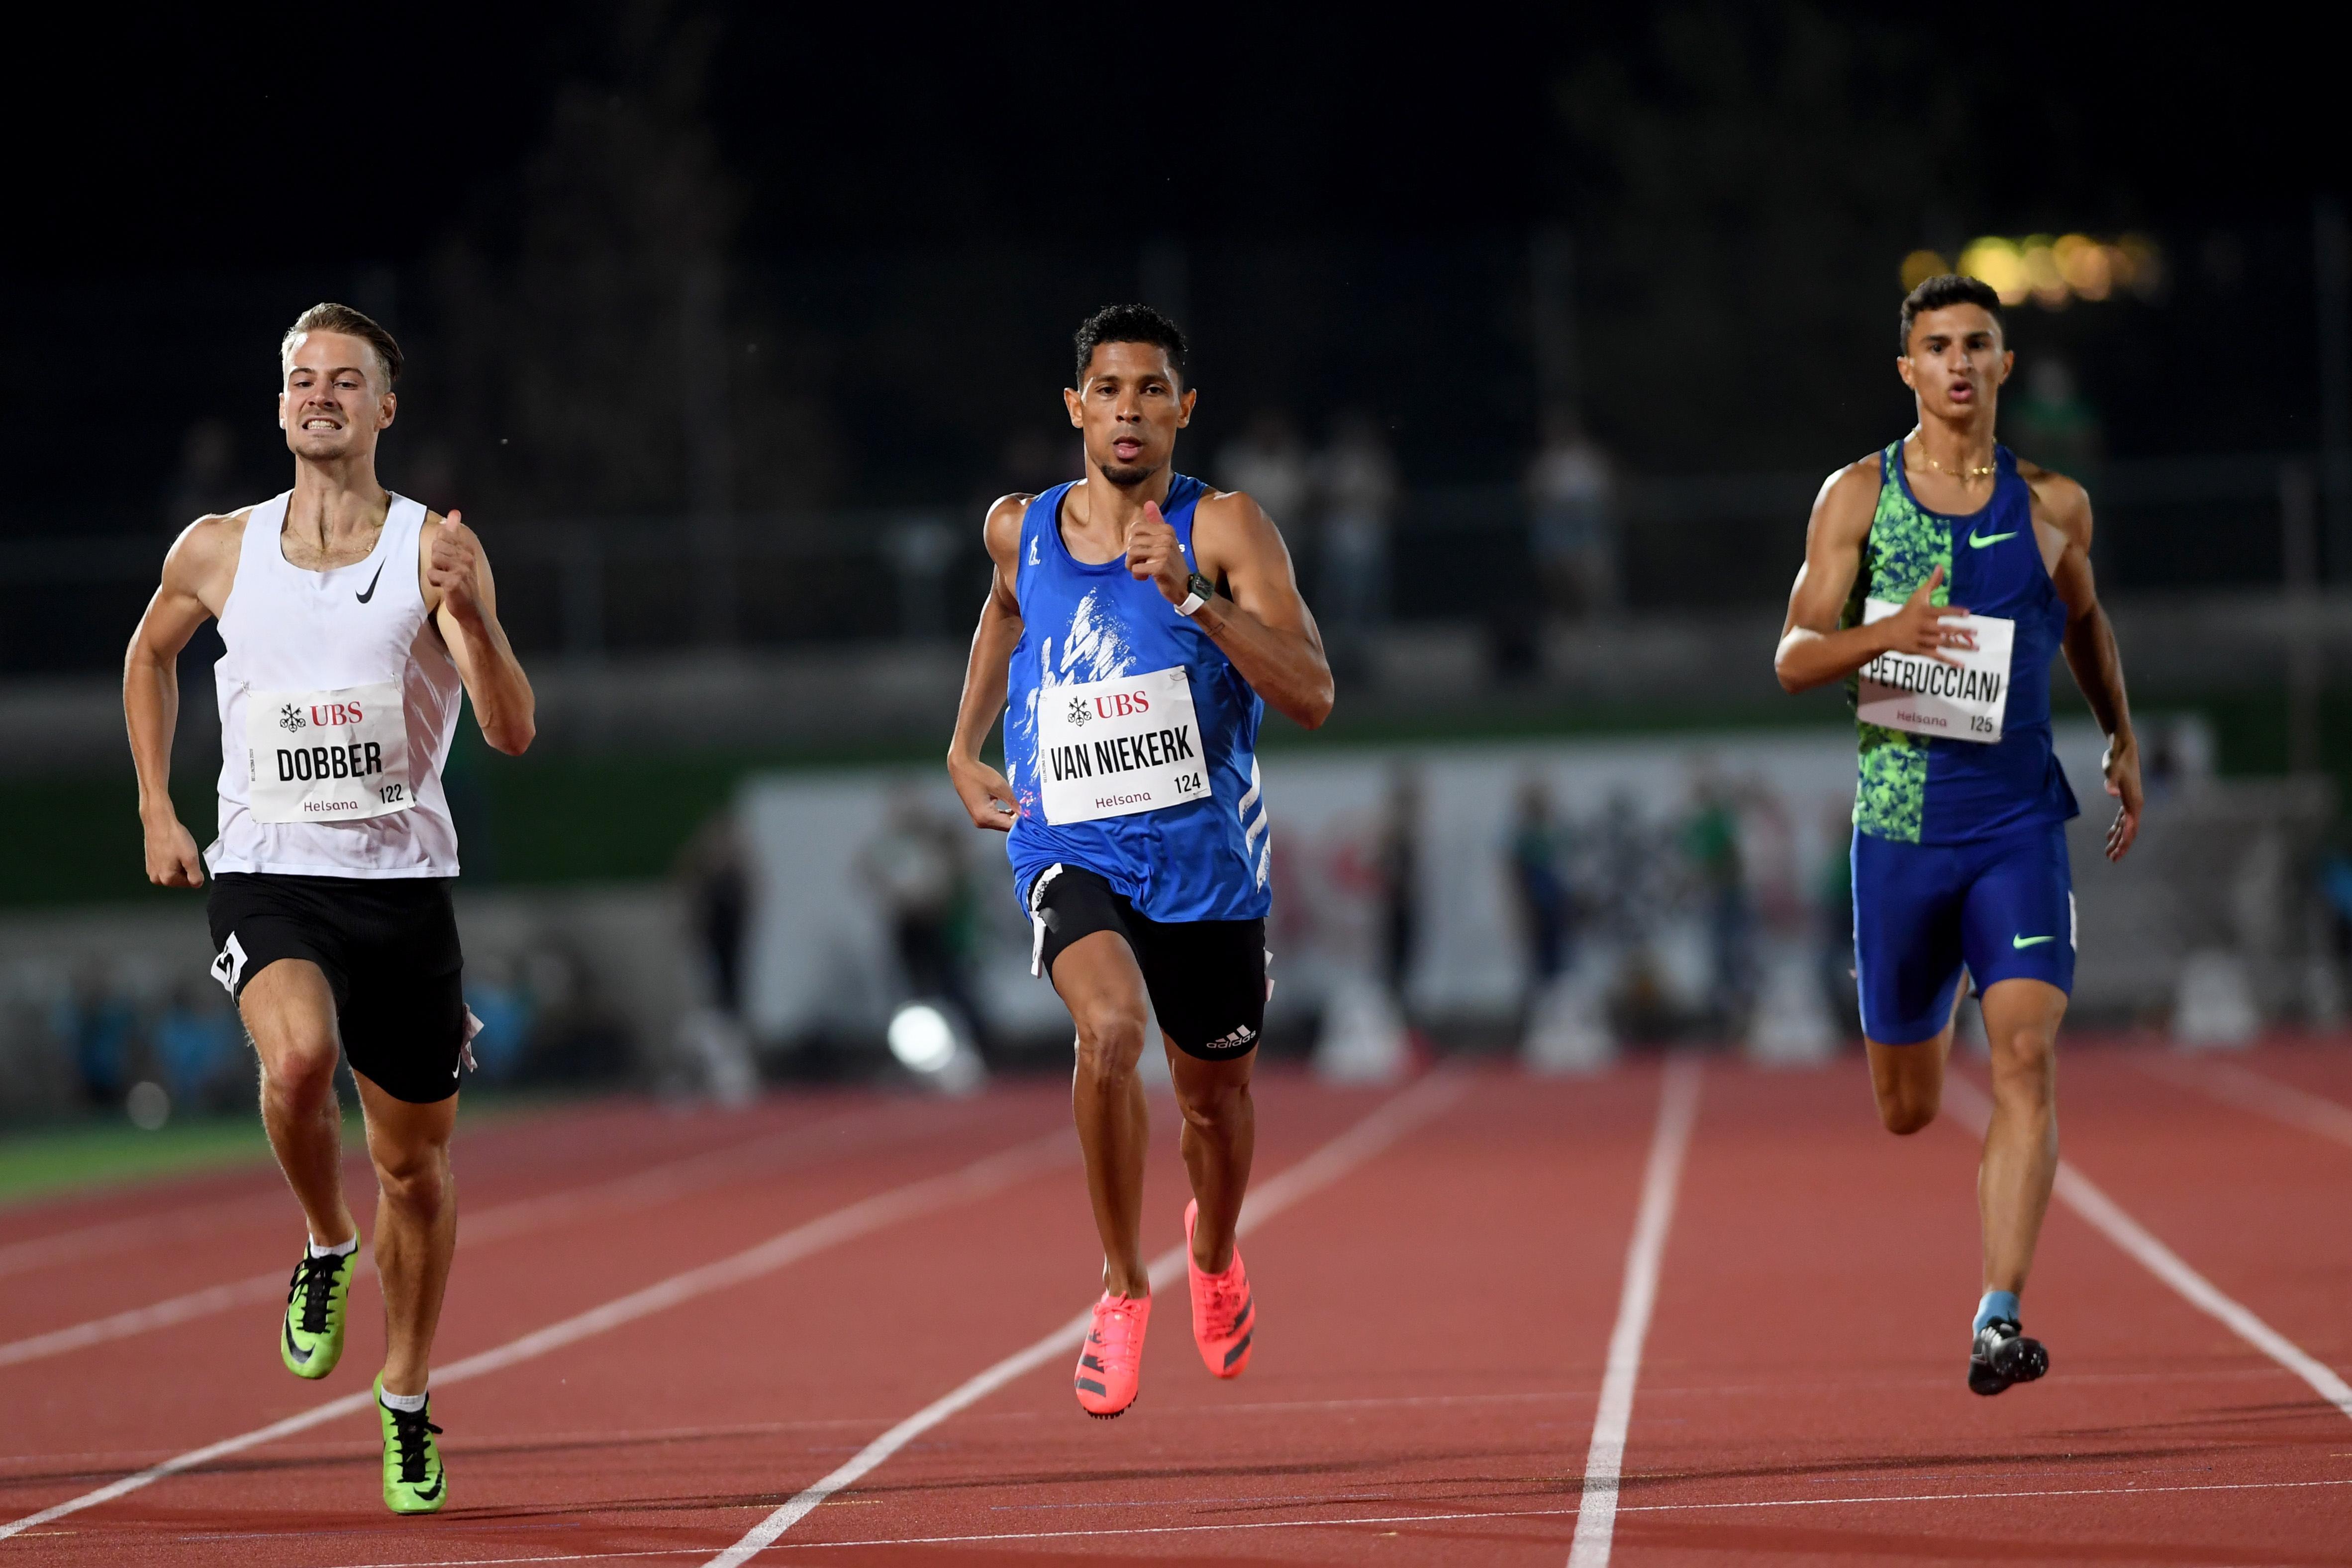 Atleet Jochem Dobber (23) uit Santpoort-Zuid vlak achter olympisch kampioen op 400 meter bij wedstrijden in Zwitserland [video]